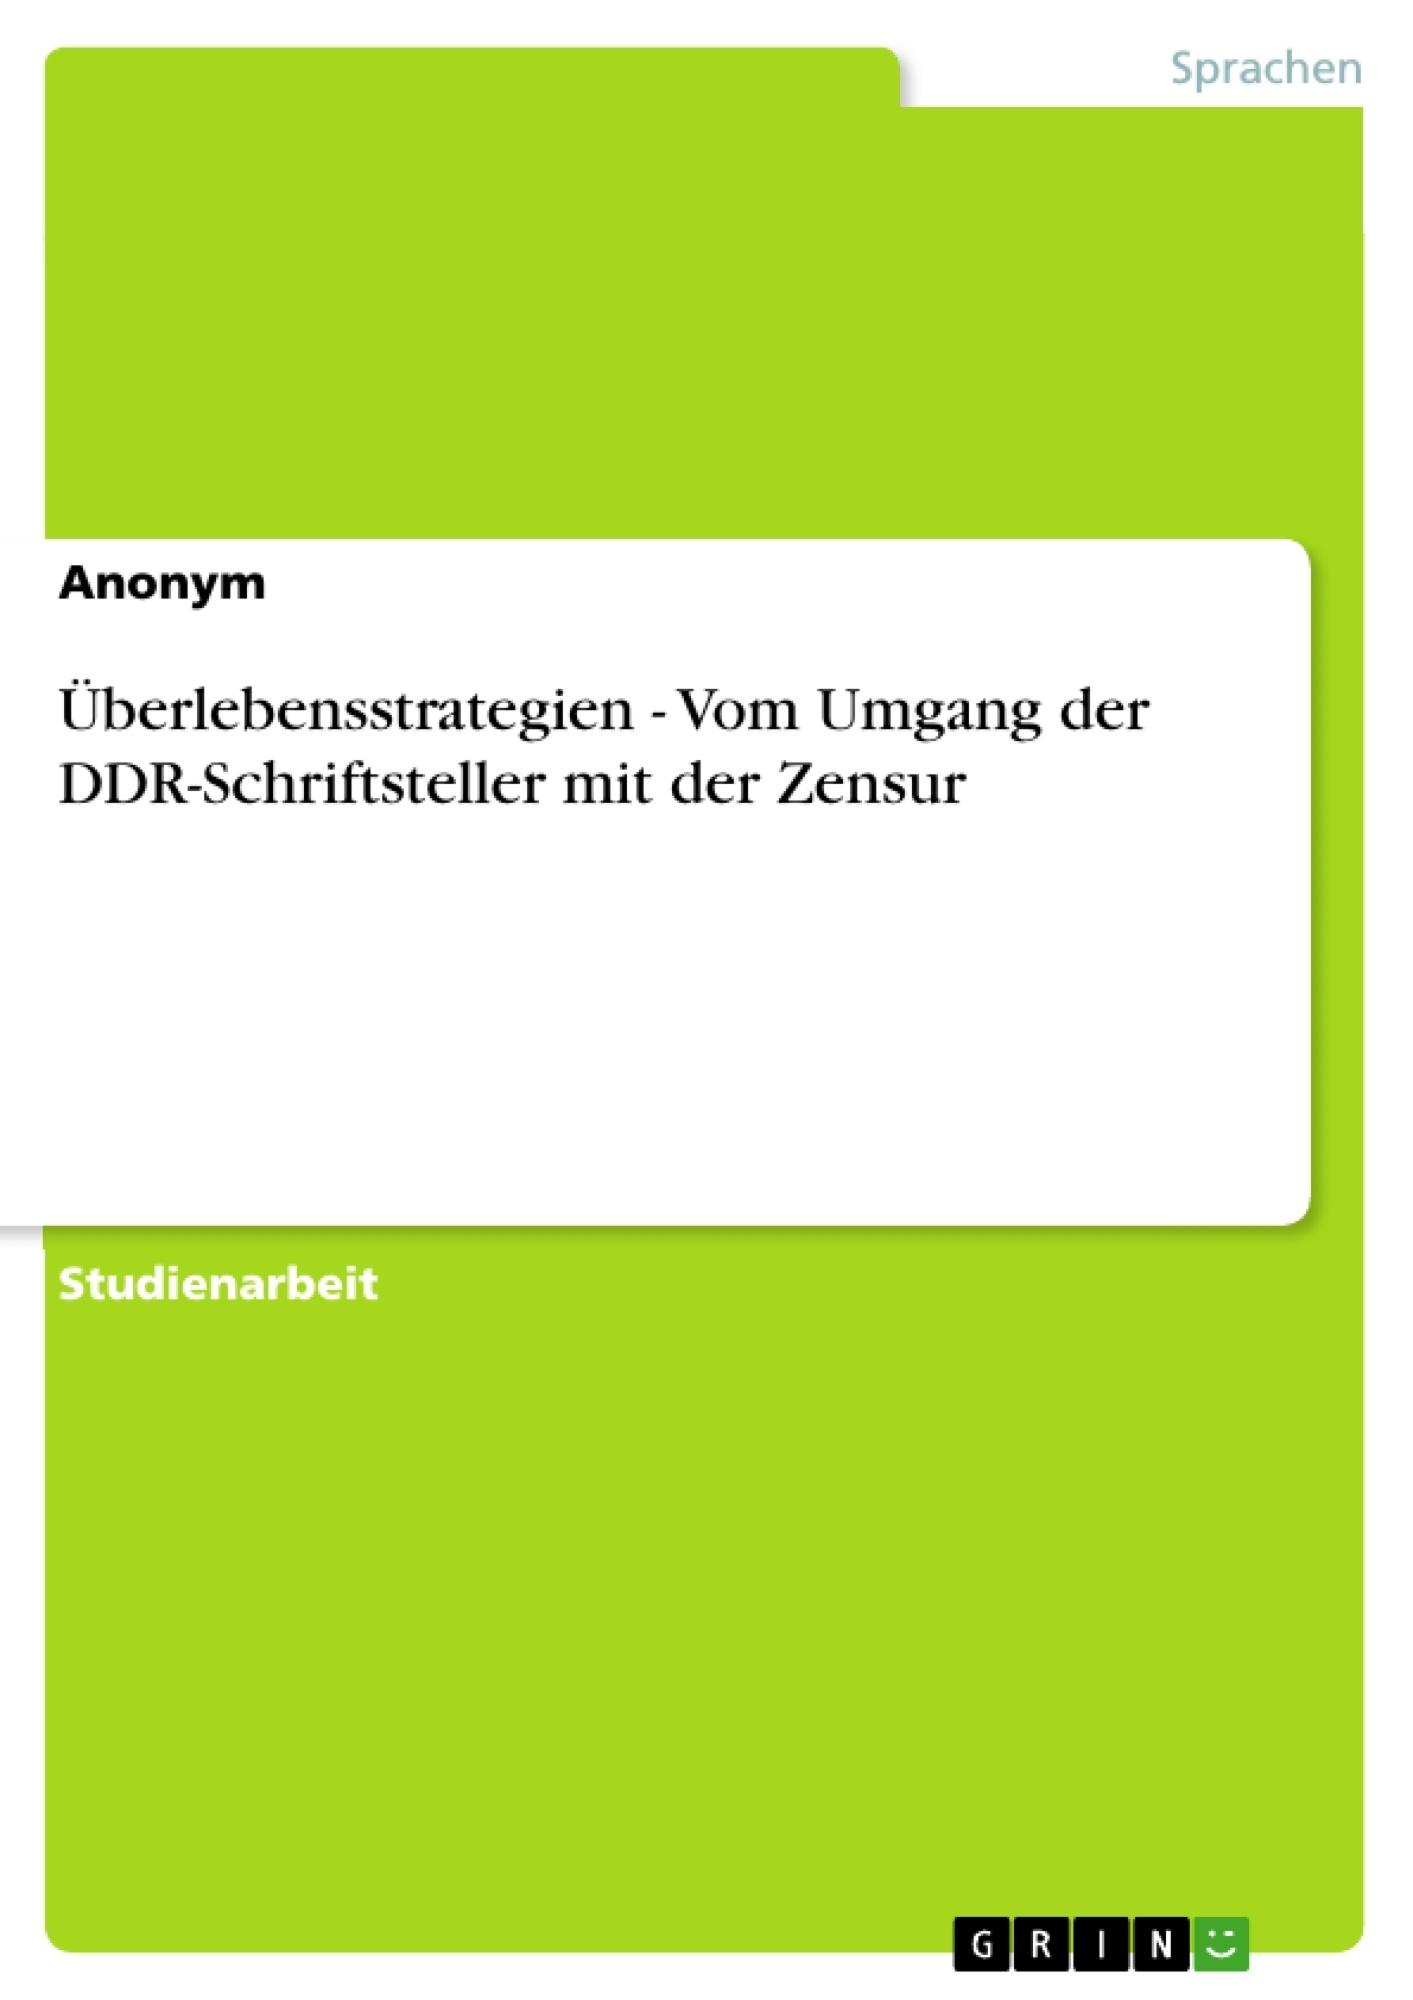 Titel: Überlebensstrategien - Vom Umgang der DDR-Schriftsteller mit der Zensur